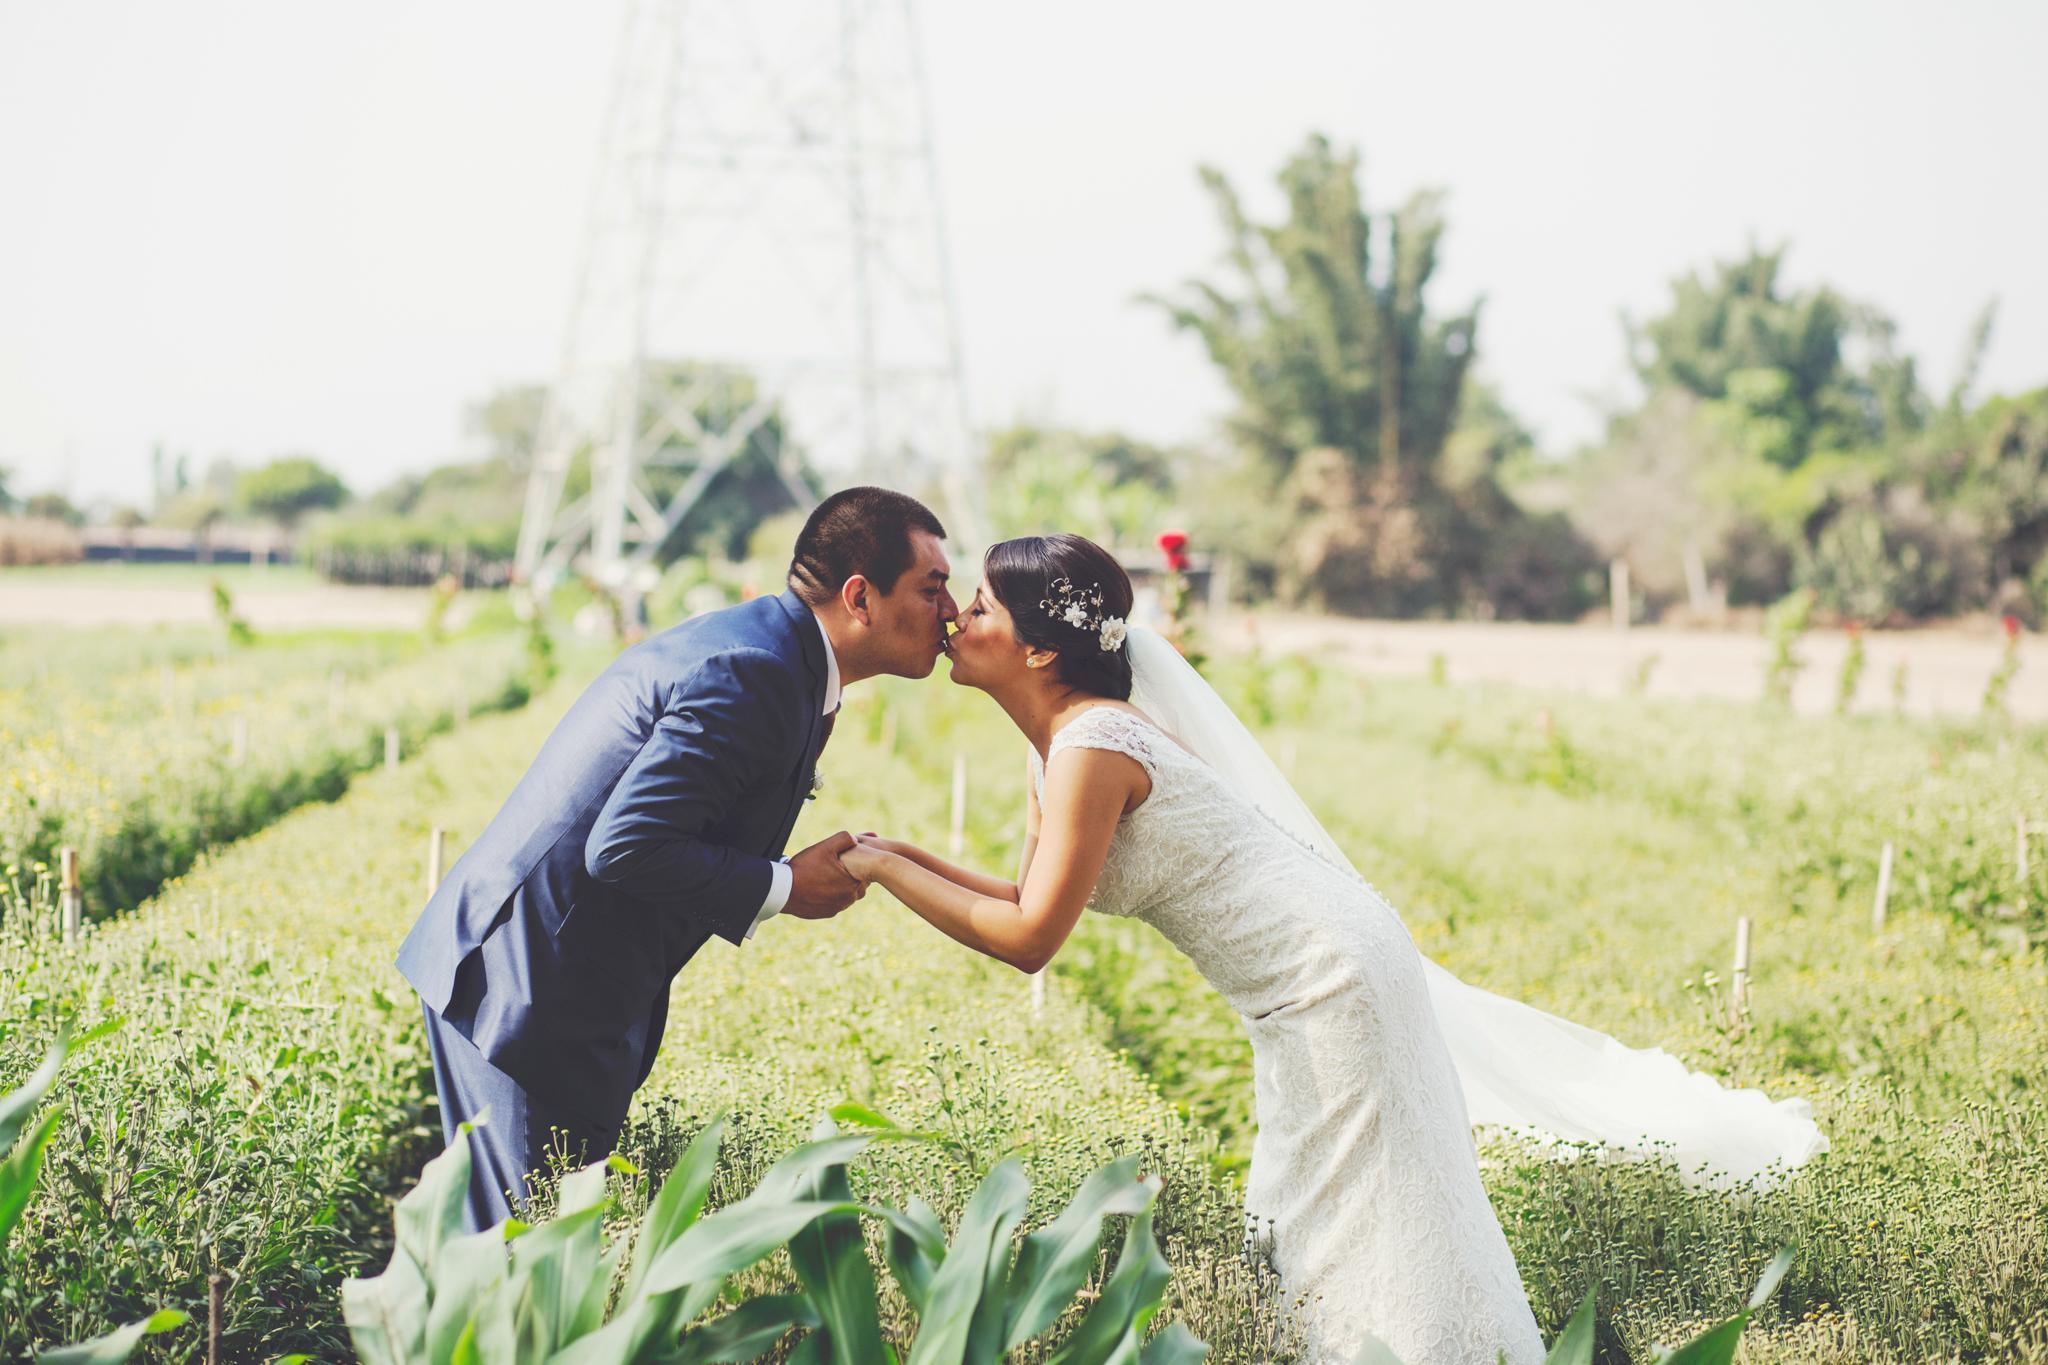 Emotiva y conmovedora, así fue la boda de Melissa y Eduardo a quienes el amor se les desborda en abundancia. Se percibe de cerca y de lejos también. Siempre es un gusto fotografiar a novios como ustedes. Esperamos que su nueva vida, ahora como esposos, esté tan llena de amor,alegría y muchas emociones como lo fue su día. ¡Felicidades!